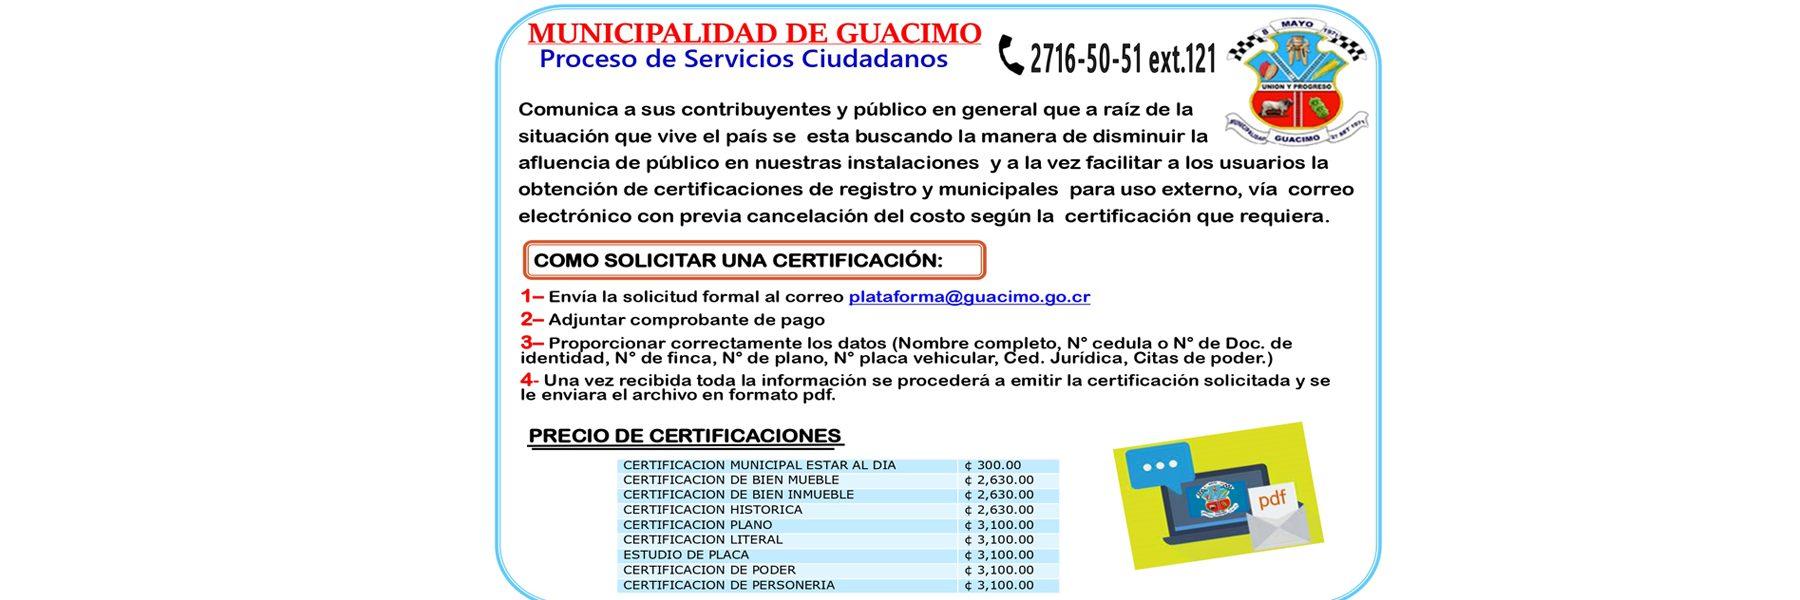 ANUNCIO_CERTIFICACION_SOLICITUD